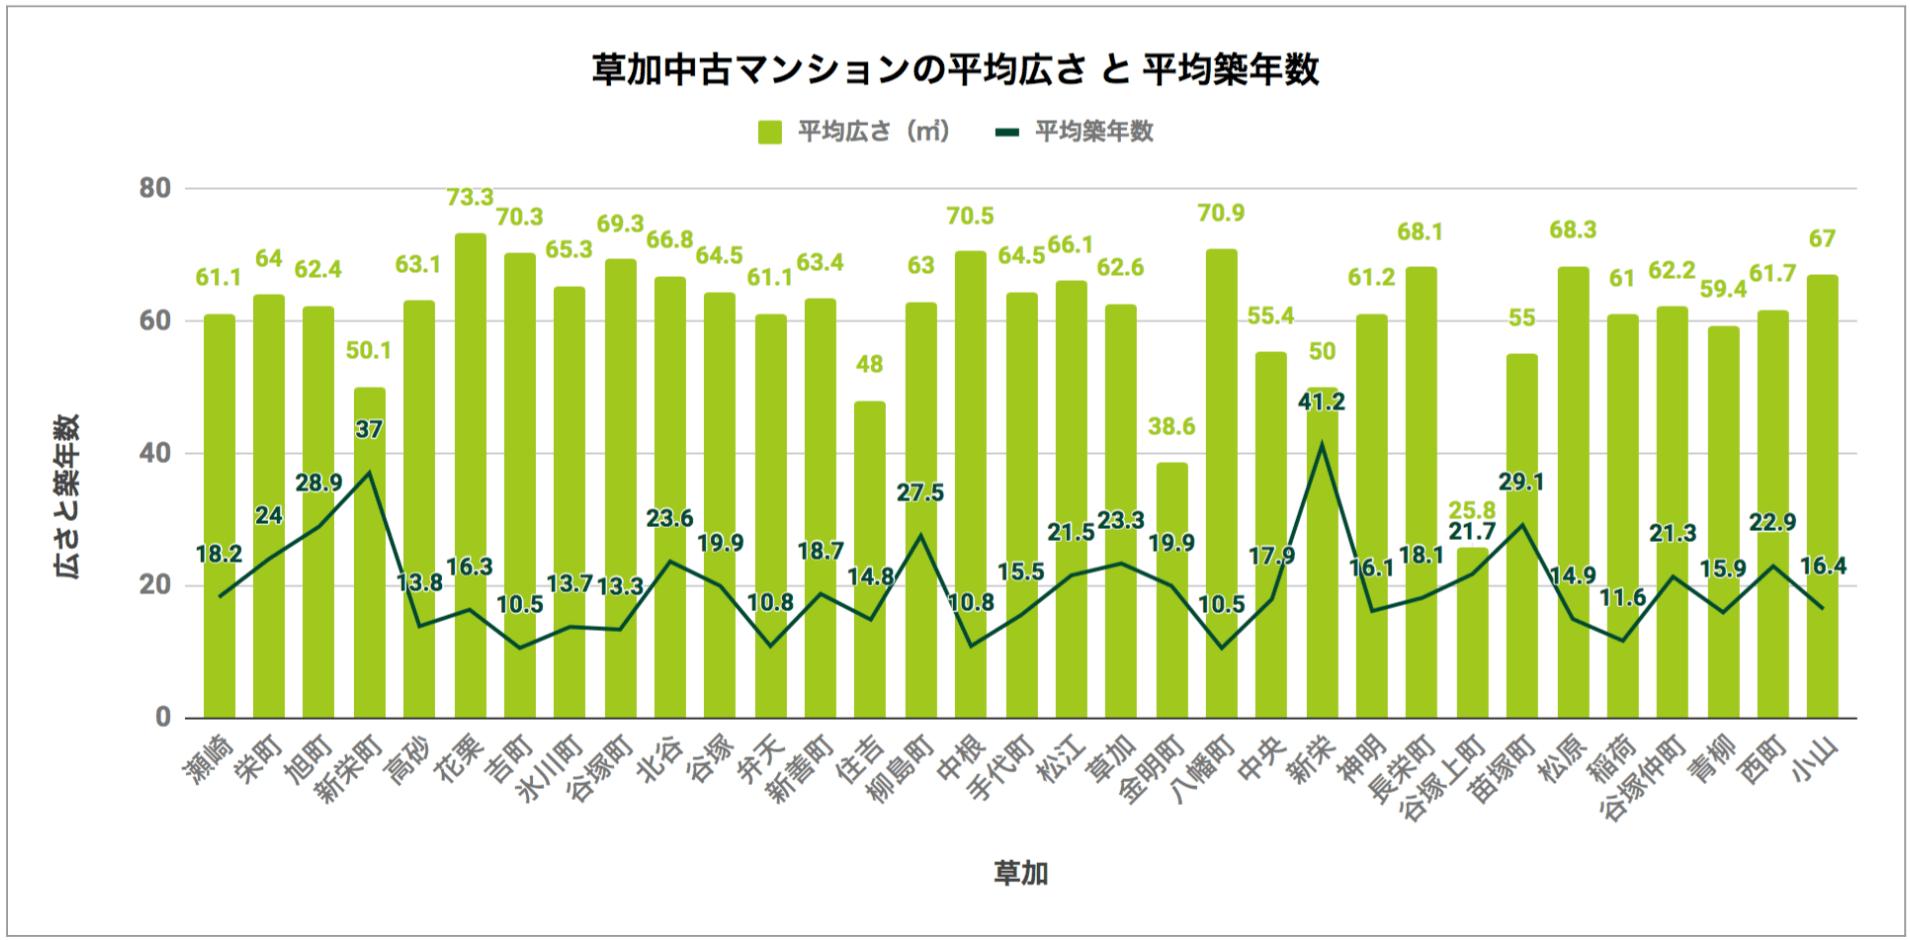 草加「中古マンションの平均広さと平均築年数」